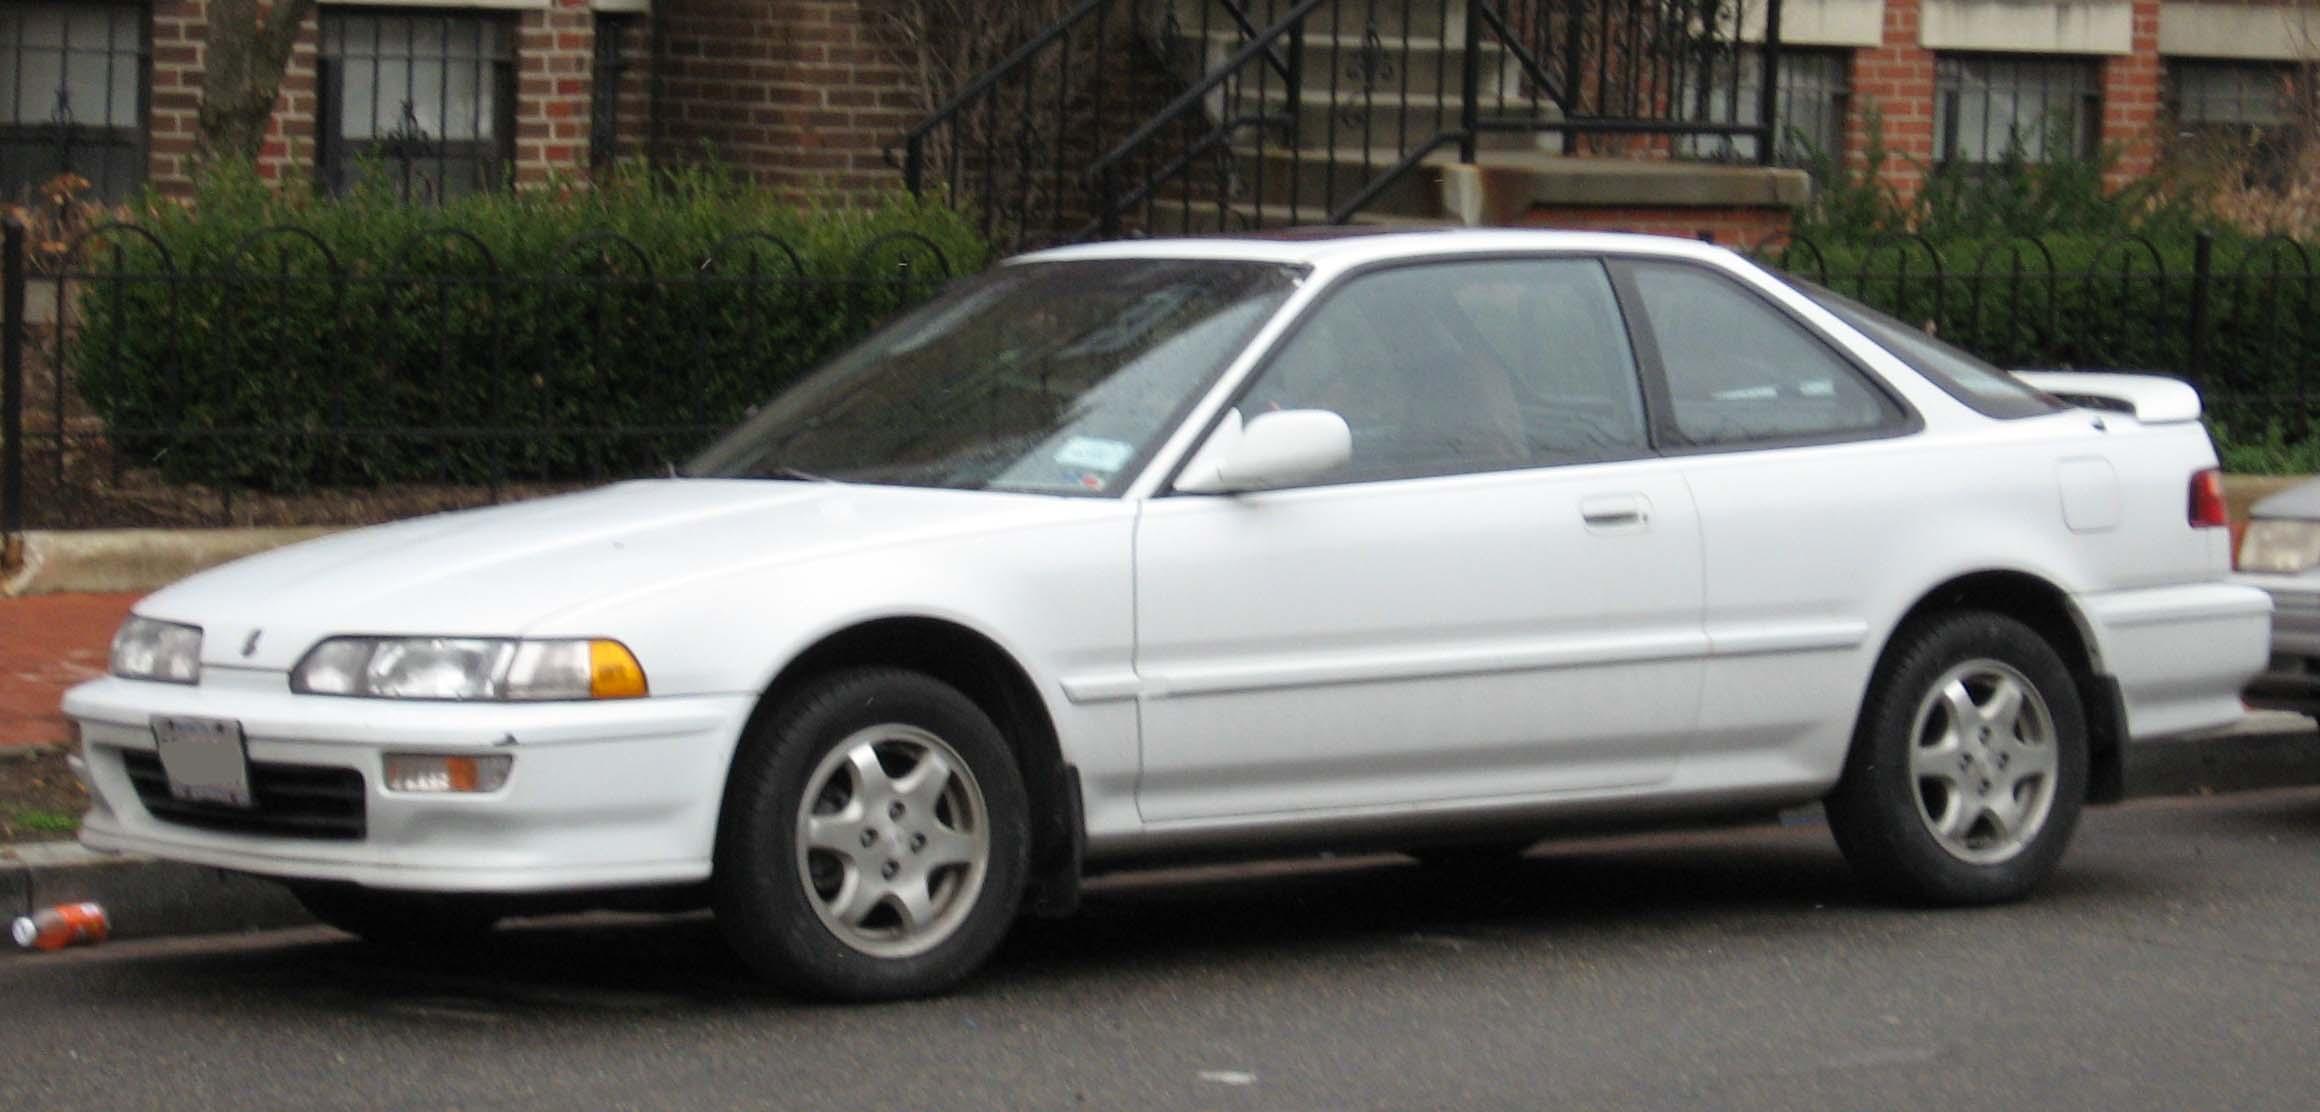 Acura Integra II 1989 - 1993 Sedan #2